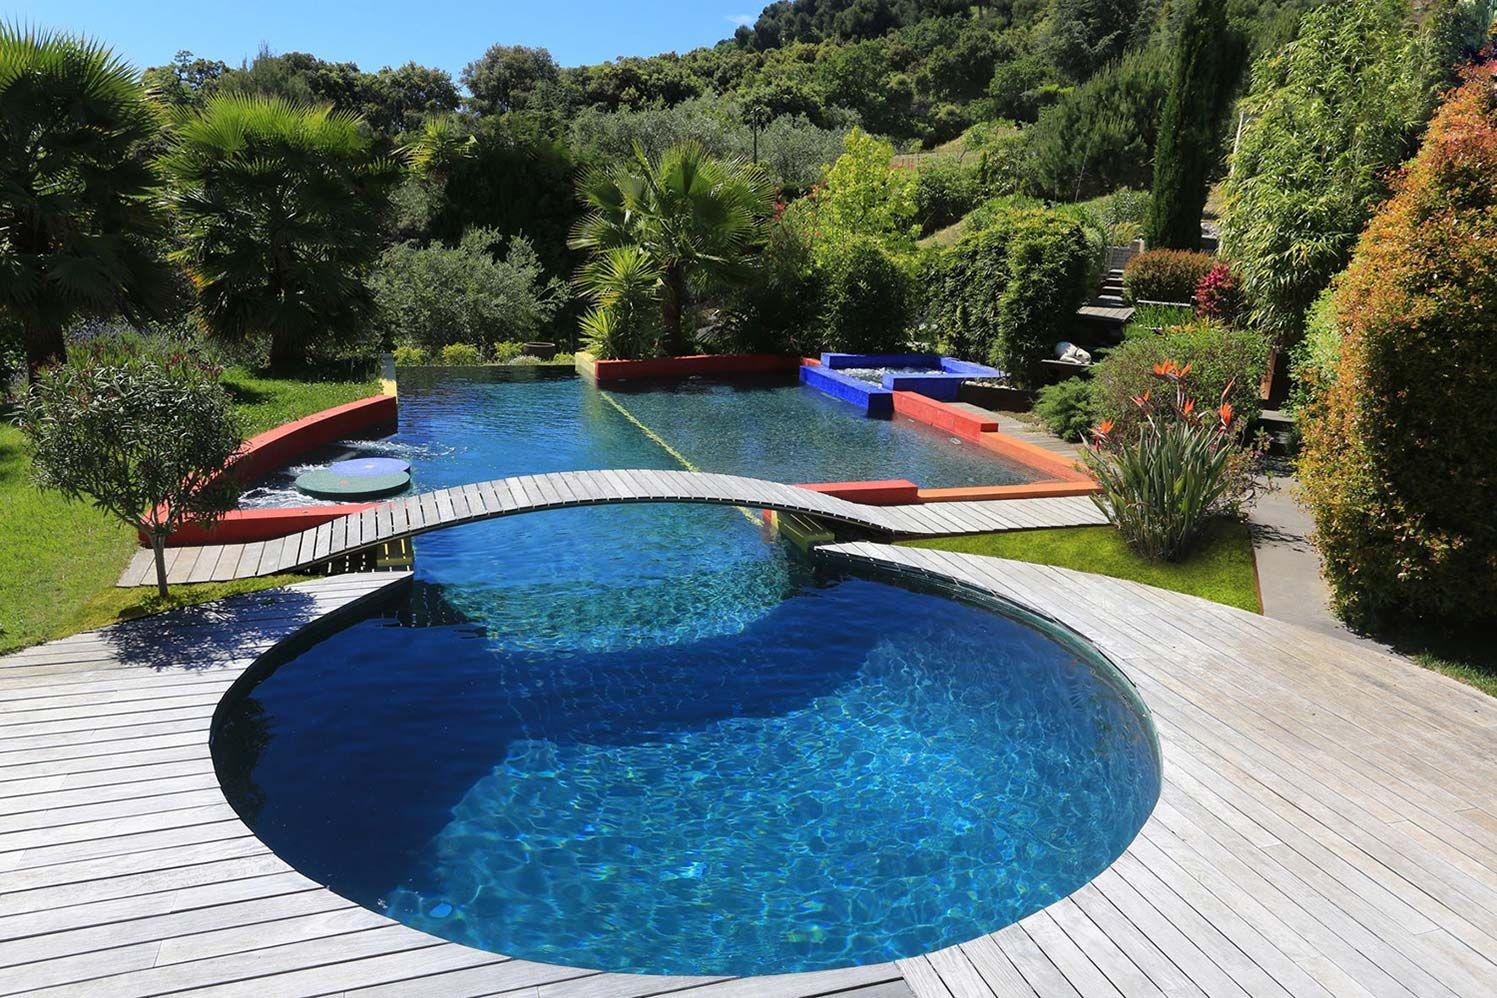 Les 25 meilleures id es de la cat gorie pompe piscine sur - Mini piscine naturelle ...